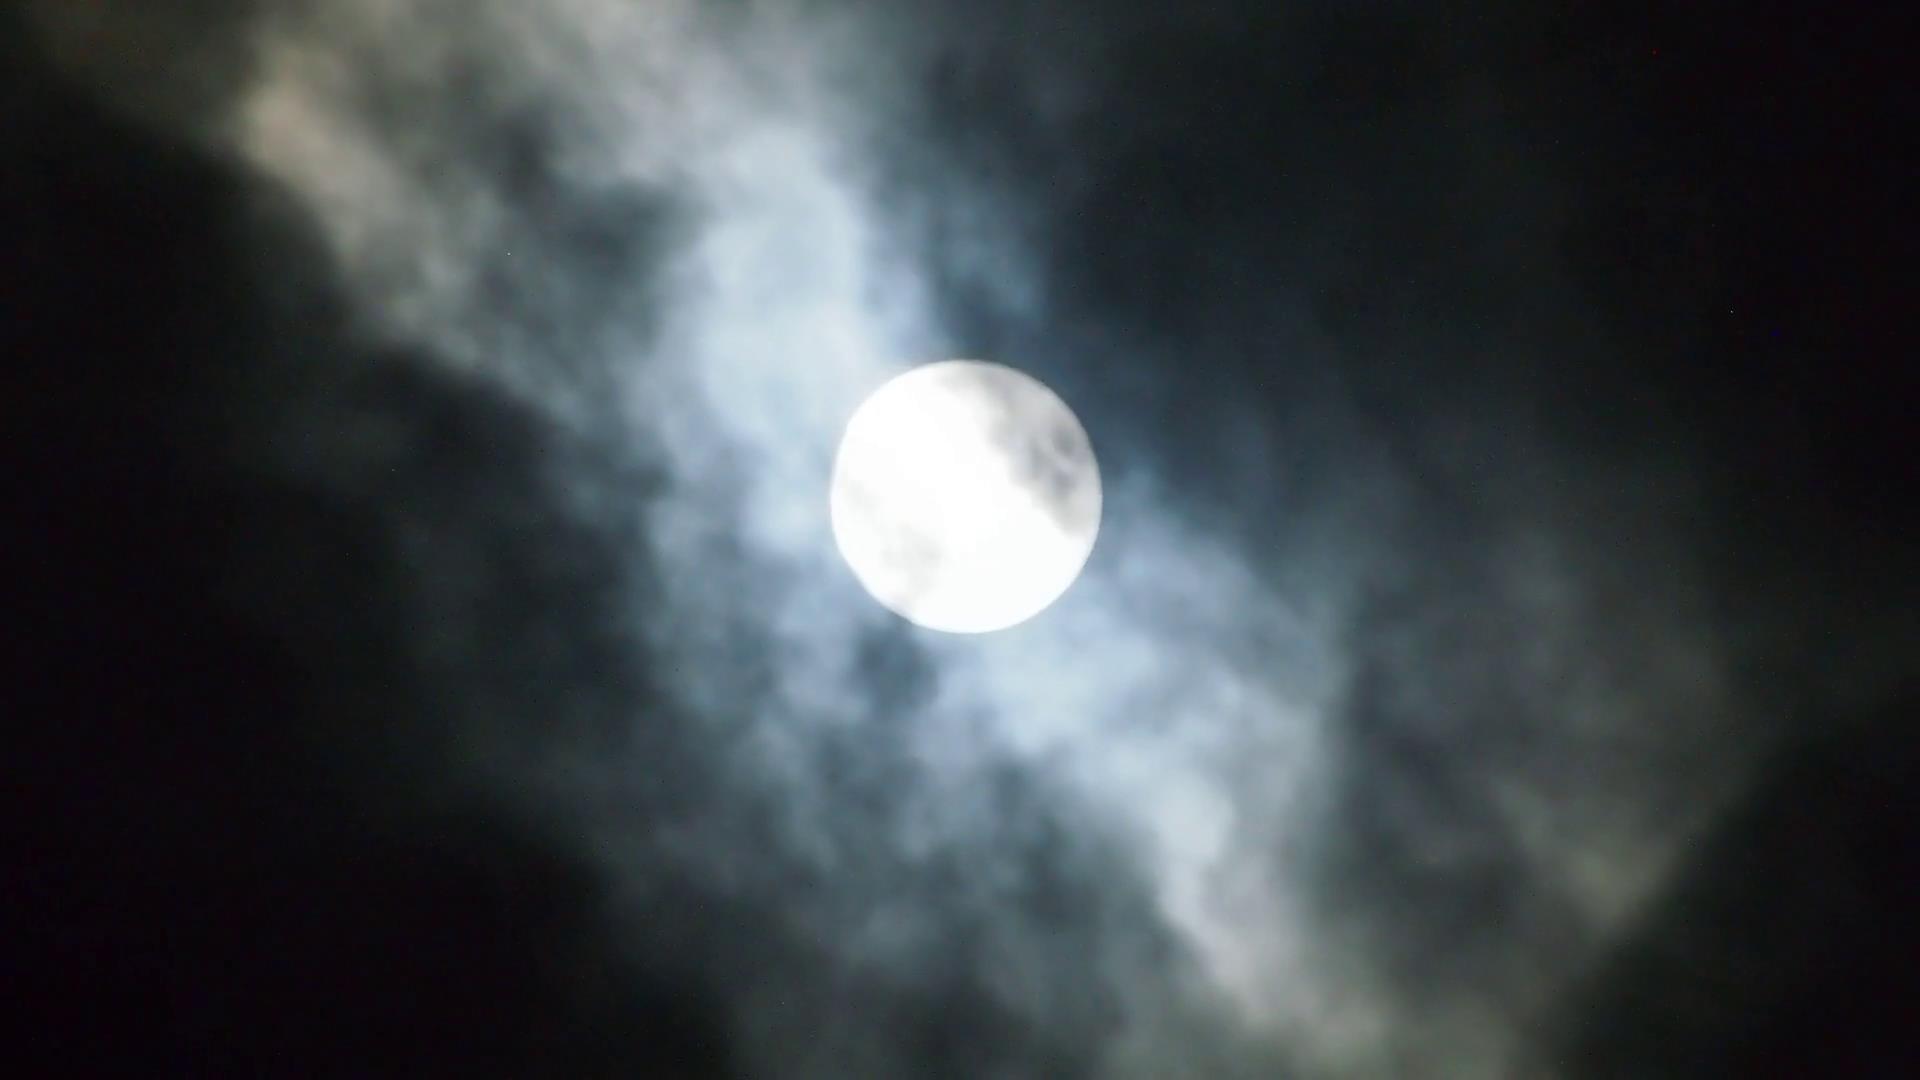 黑暗夜空云雾朦胧笼罩着圆月-92素材网_ae模板,视频